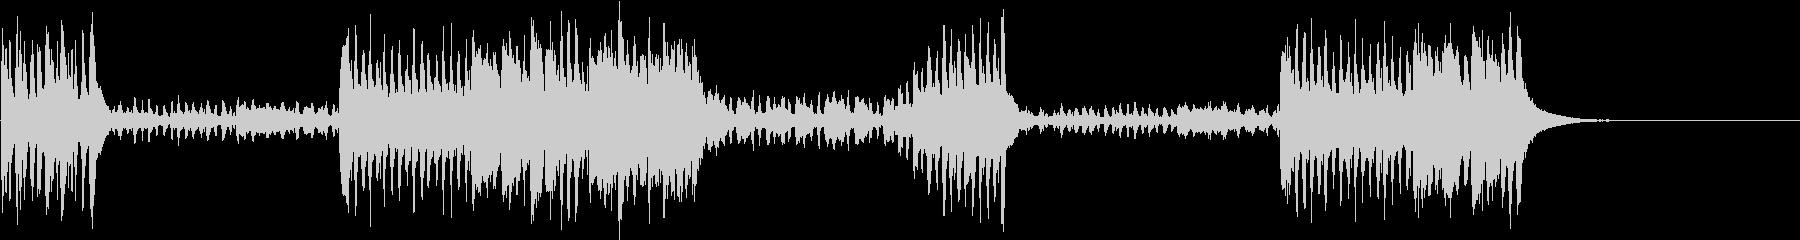 ラデツキー行進曲 クラシック定番曲の未再生の波形